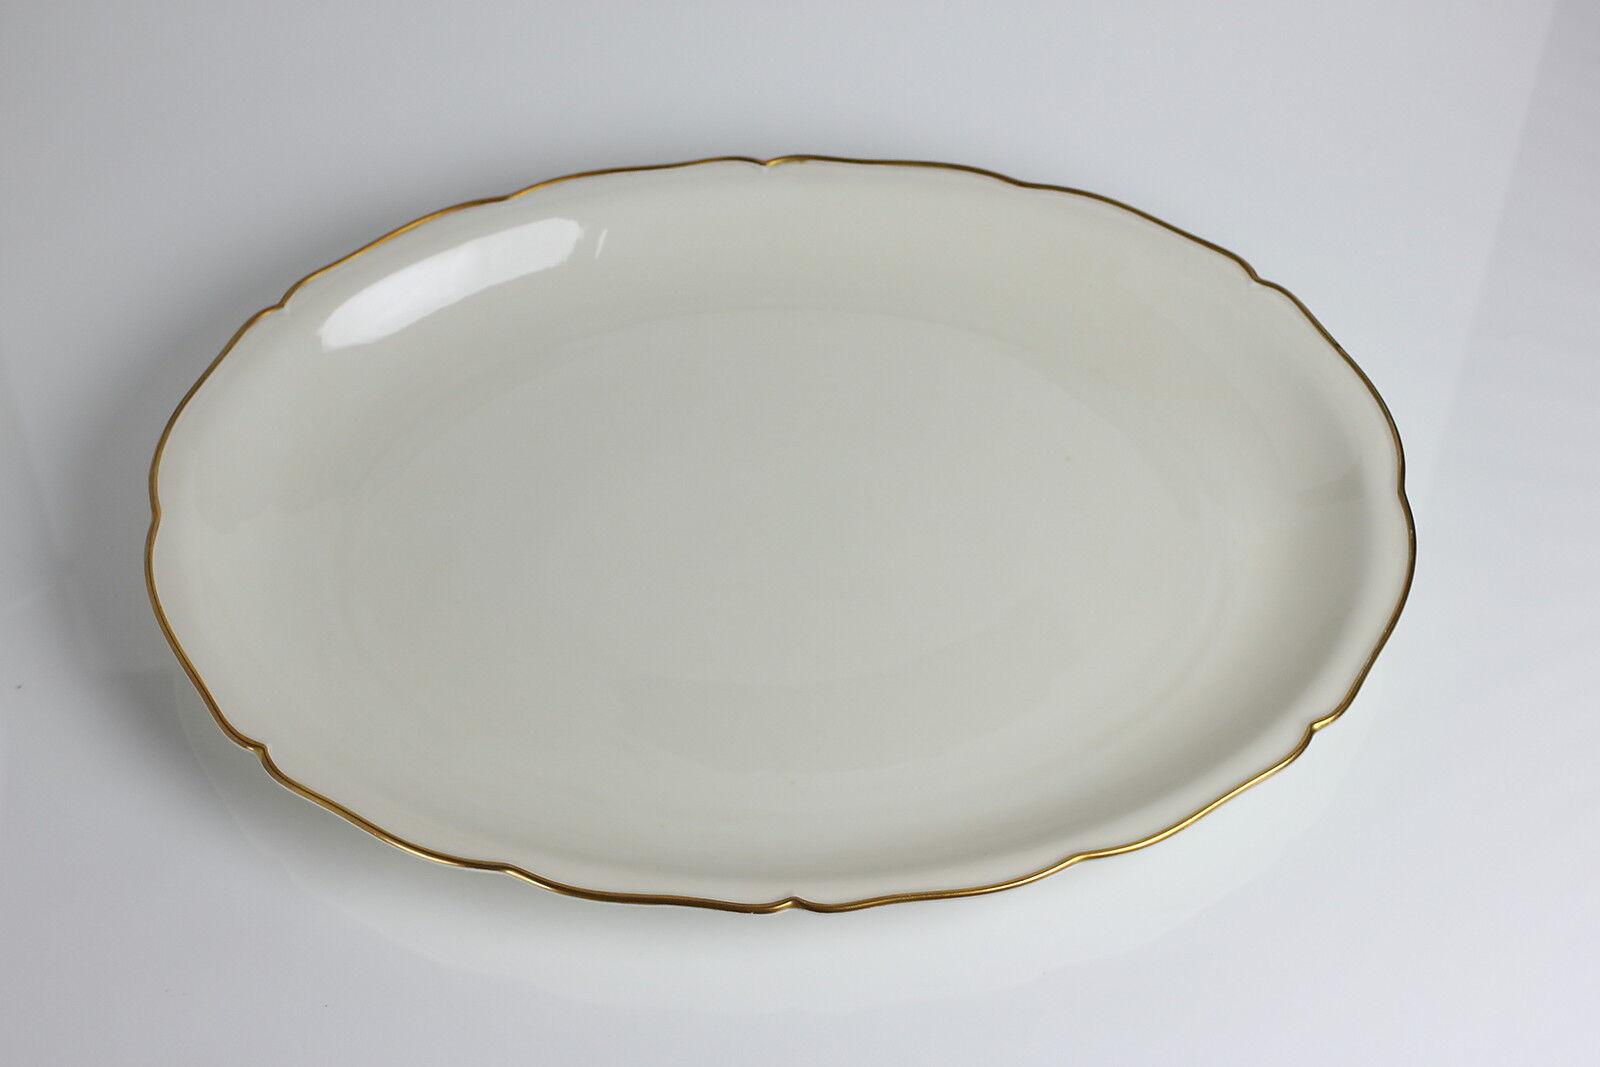 Große Seltmann Weiden U.S. Zone Fleischplatte Platte 27,5 cm x 39,0 cm Shabby  | Attraktiv Und Langlebig